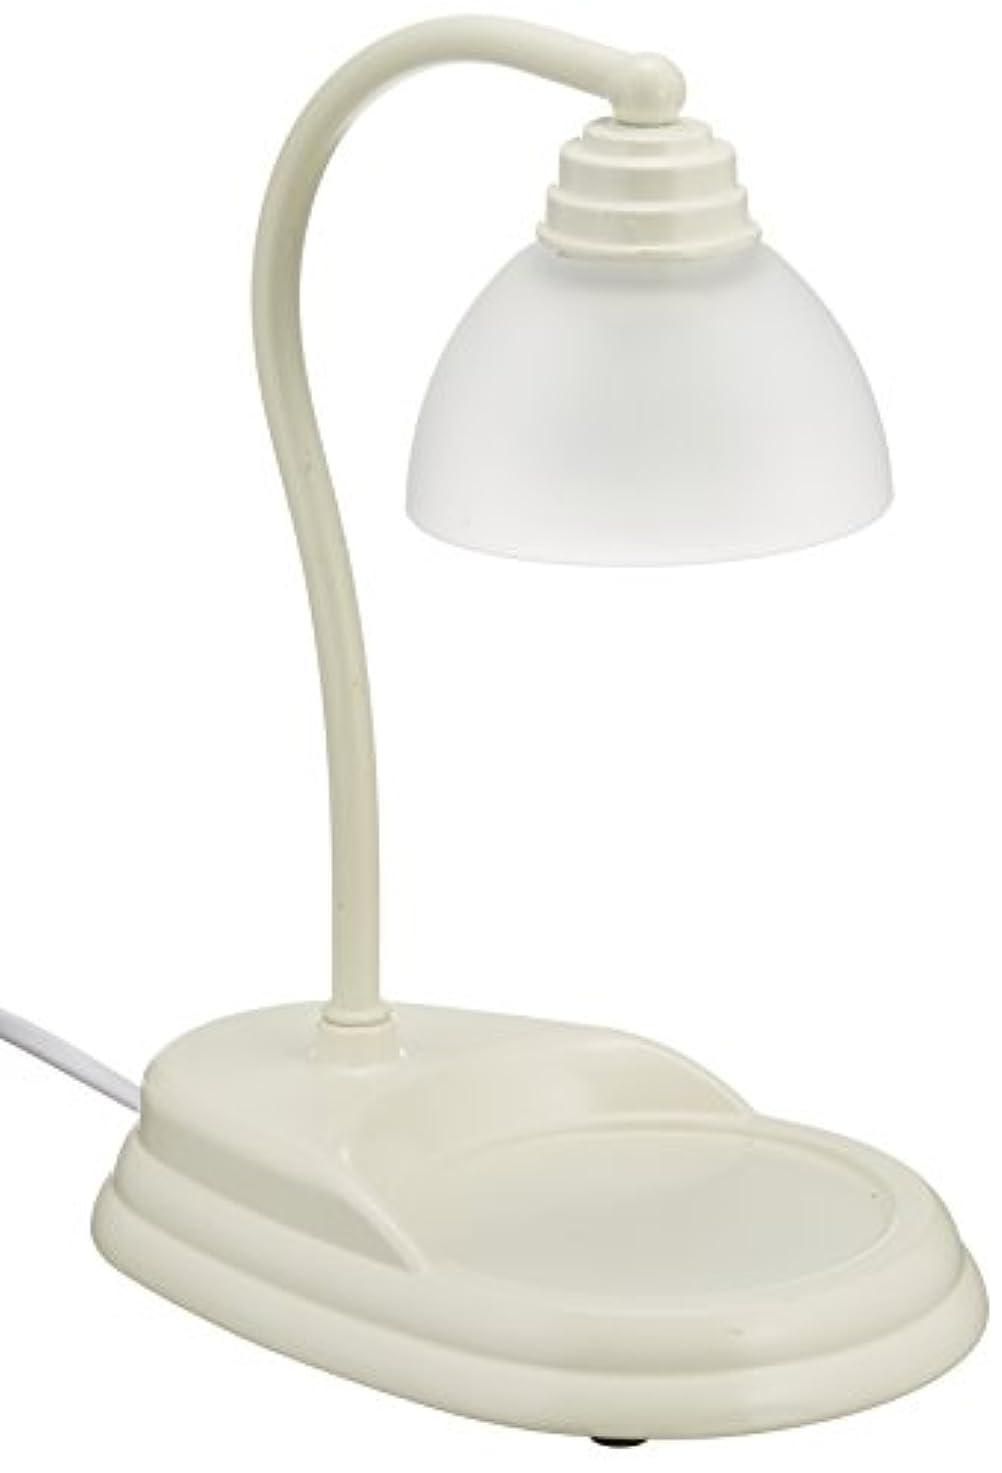 メール検索エンジンマーケティング期限切れ電球の熱でキャンドルを溶かして香りを楽しむ電気スタンド キャンドルウォーマーランプ (ホワイト)